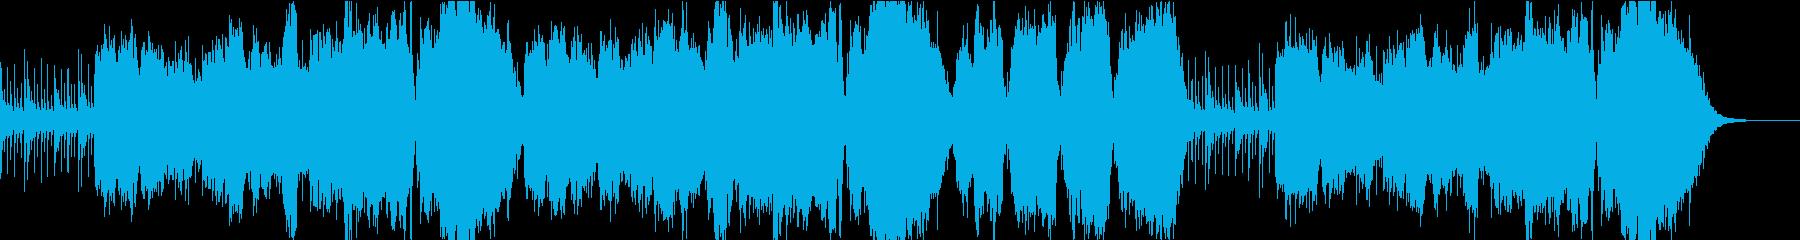 尺八が奏でる感動的なバラードHRの再生済みの波形